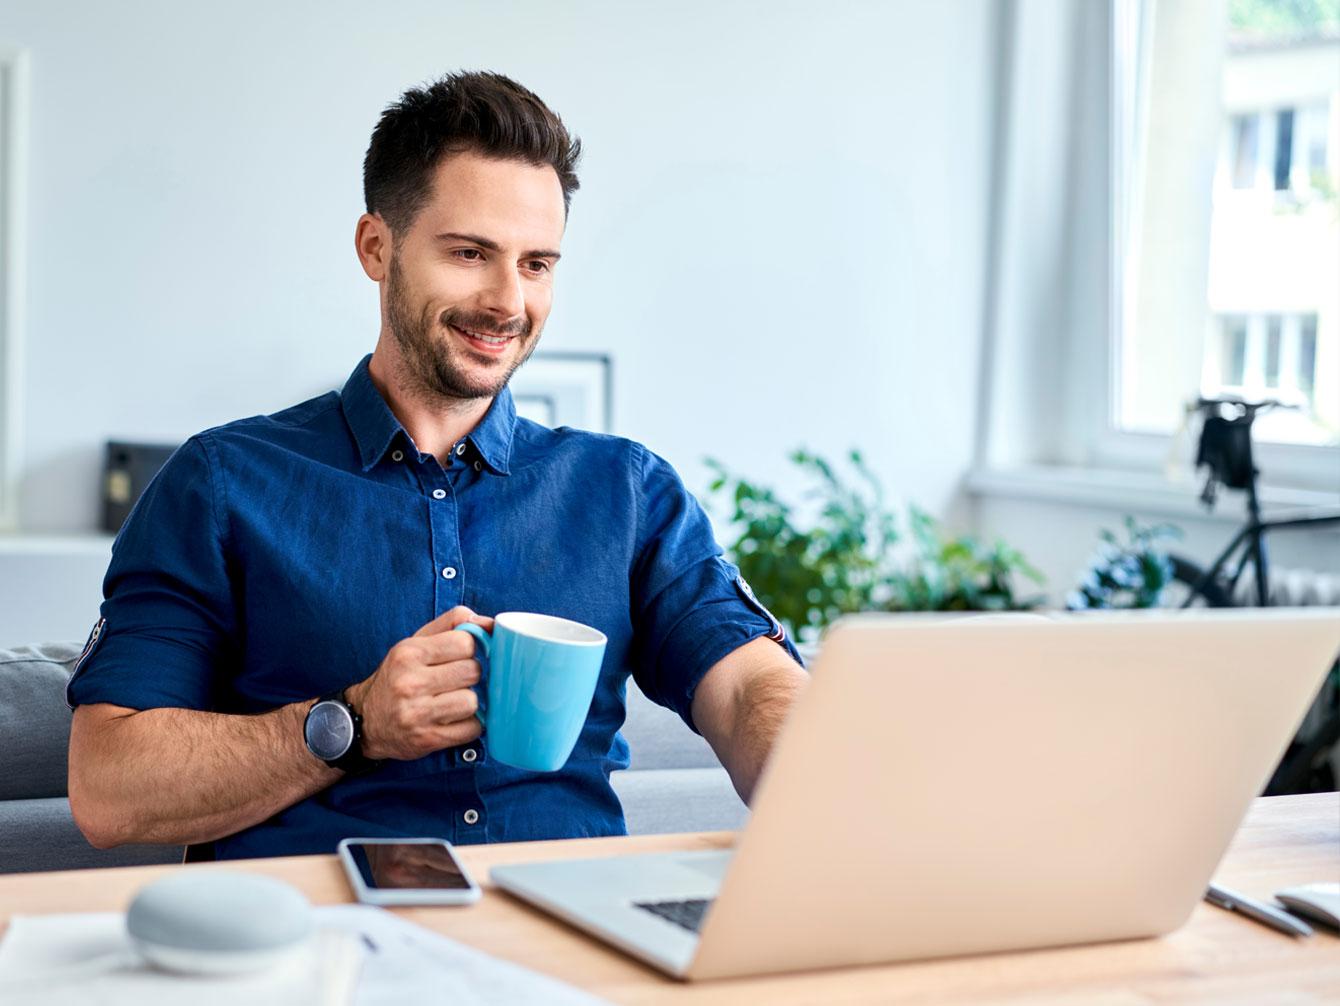 Money advice online